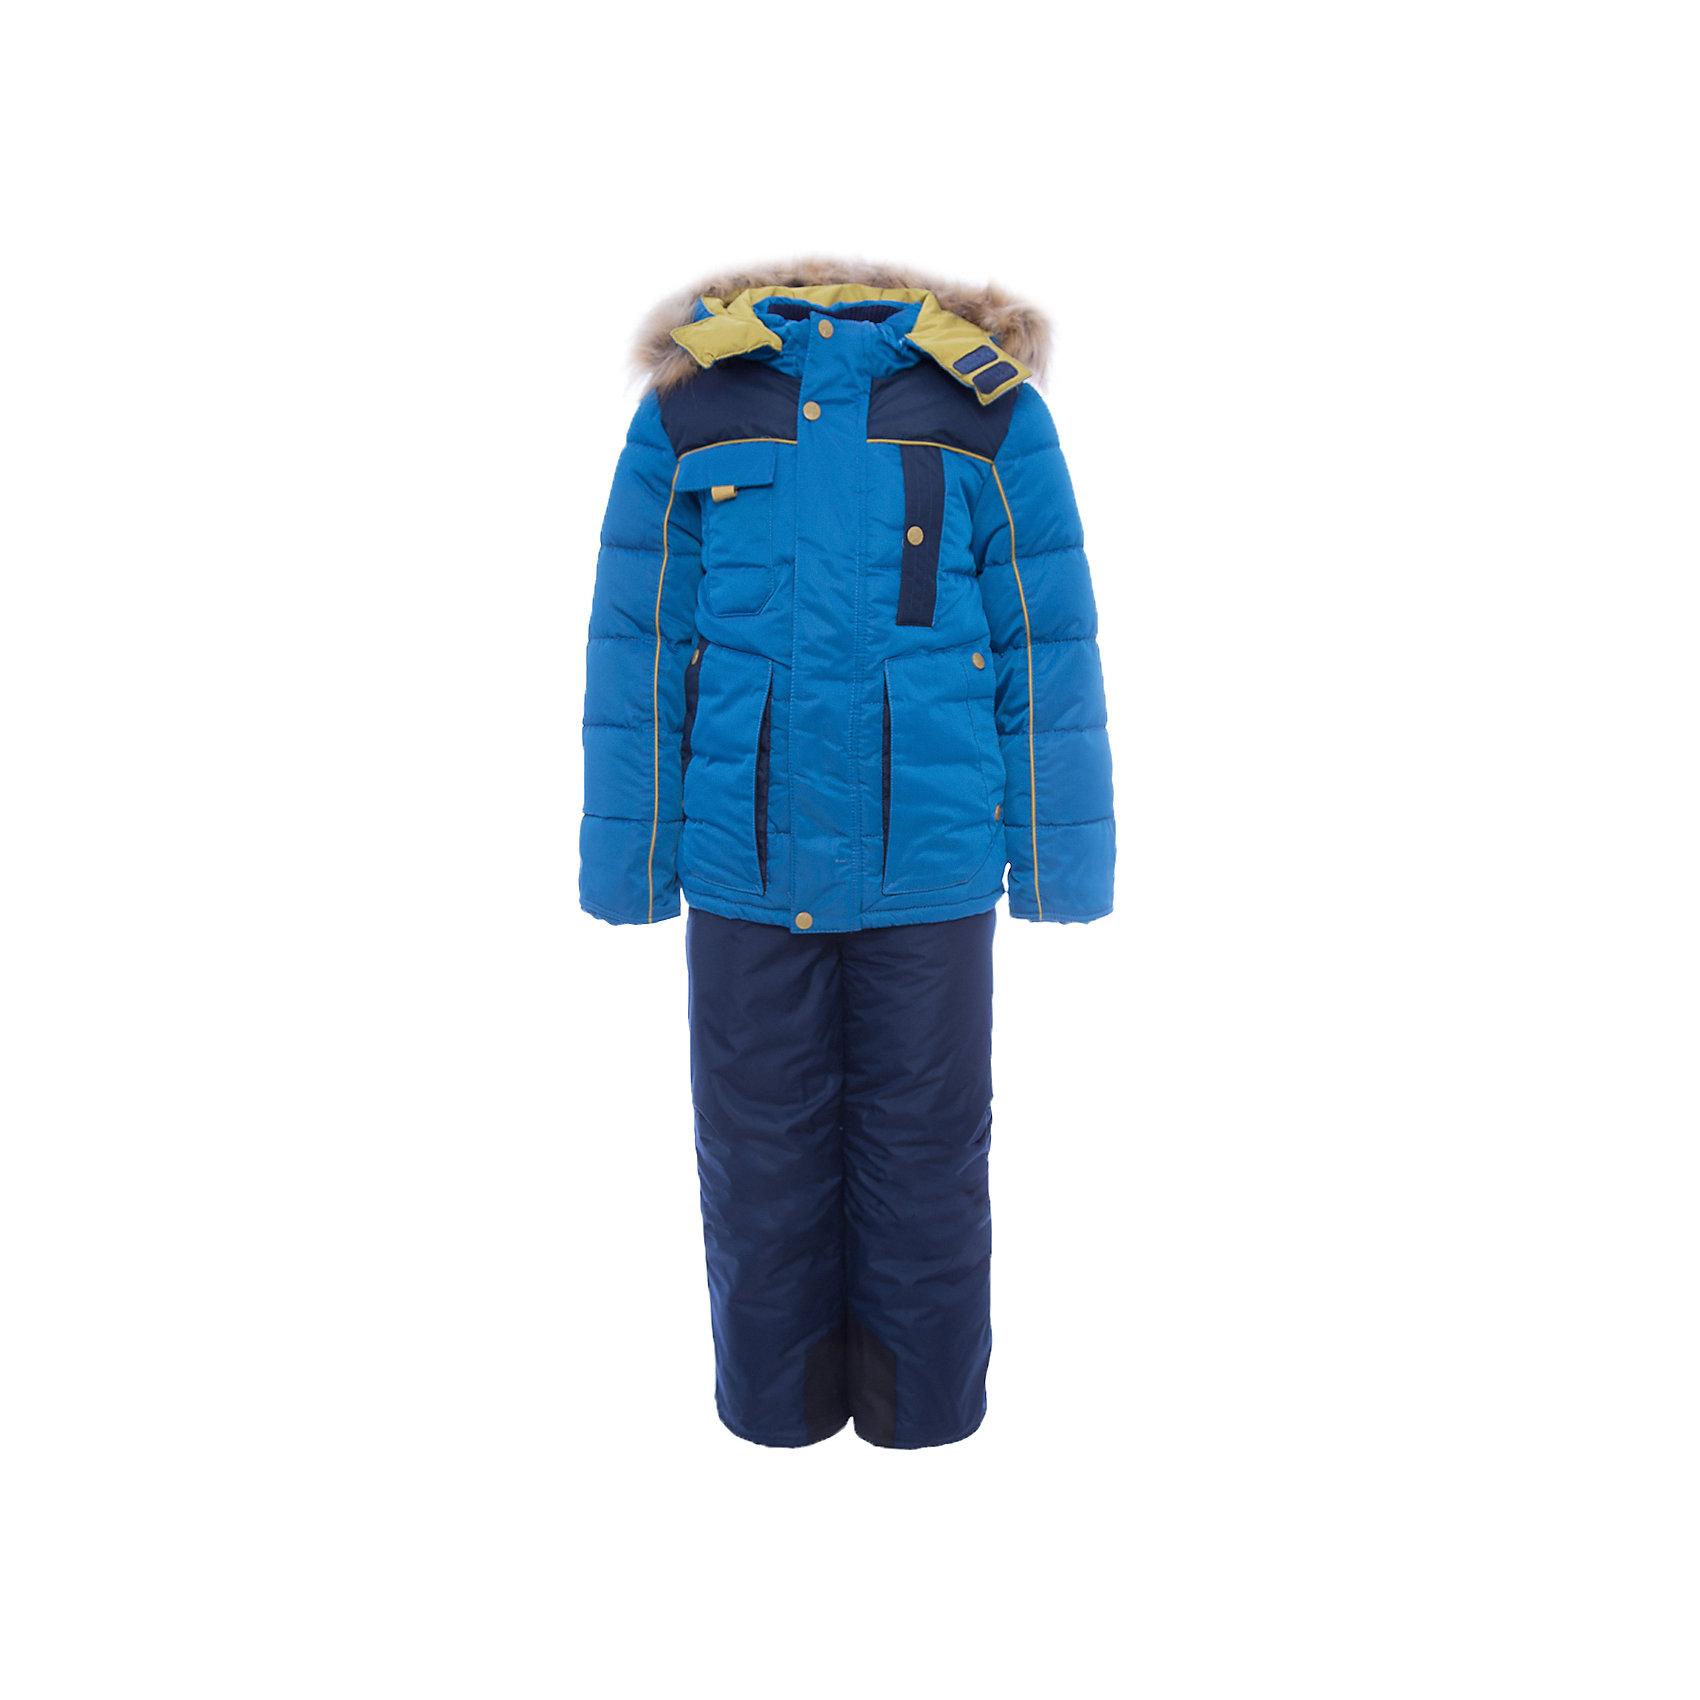 Комплект: куртка и полукомбинезон Арсен OLDOS для мальчикаВерхняя одежда<br>Характеристики товара:<br><br>• цвет: голубой<br>• комплектация: куртка и полукомбинезон<br>• состав ткани: 100% полиэстер, пропитка PU, Teflon<br>• подкладка: флис, полиэстер<br>• утеплитель: куртка - искусственный лебяжий пух, полукомбинезон - Hollofan 200 г/м2<br>• подстежка: 60% шерсть, 40% полиэстер<br>• сезон: зима<br>• температурный режим: от -35 до 0<br>• застежка: молния<br>• капюшон: с мехом, съемный<br>• подстежка в комплекте<br>• страна бренда: Россия<br>• страна изготовитель: Россия<br><br>Этот зимний костюм для мальчика легко чистится благодаря специальной пропитке ткани. Подкладка зимнего комплекта комбинированная: флис и гладкий полиэстер. Так комплект для ребенка легче надевать. Зимний костюм для мальчика дополнен элементами, помогающими скорректировать размер подрост ребенка. <br><br>Комплект: куртка и полукомбинезон Арсен Oldos (Олдос) для мальчика можно купить в нашем интернет-магазине.<br><br>Ширина мм: 356<br>Глубина мм: 10<br>Высота мм: 245<br>Вес г: 519<br>Цвет: голубой<br>Возраст от месяцев: 96<br>Возраст до месяцев: 108<br>Пол: Мужской<br>Возраст: Детский<br>Размер: 134,104,110,116,122<br>SKU: 7016925